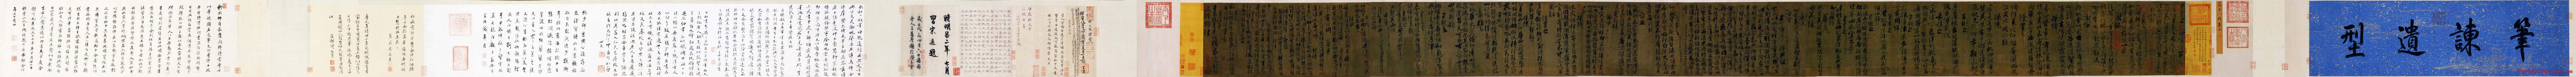 柳公權書法長卷字帖《蘭亭詩》全圖(共20張圖片)